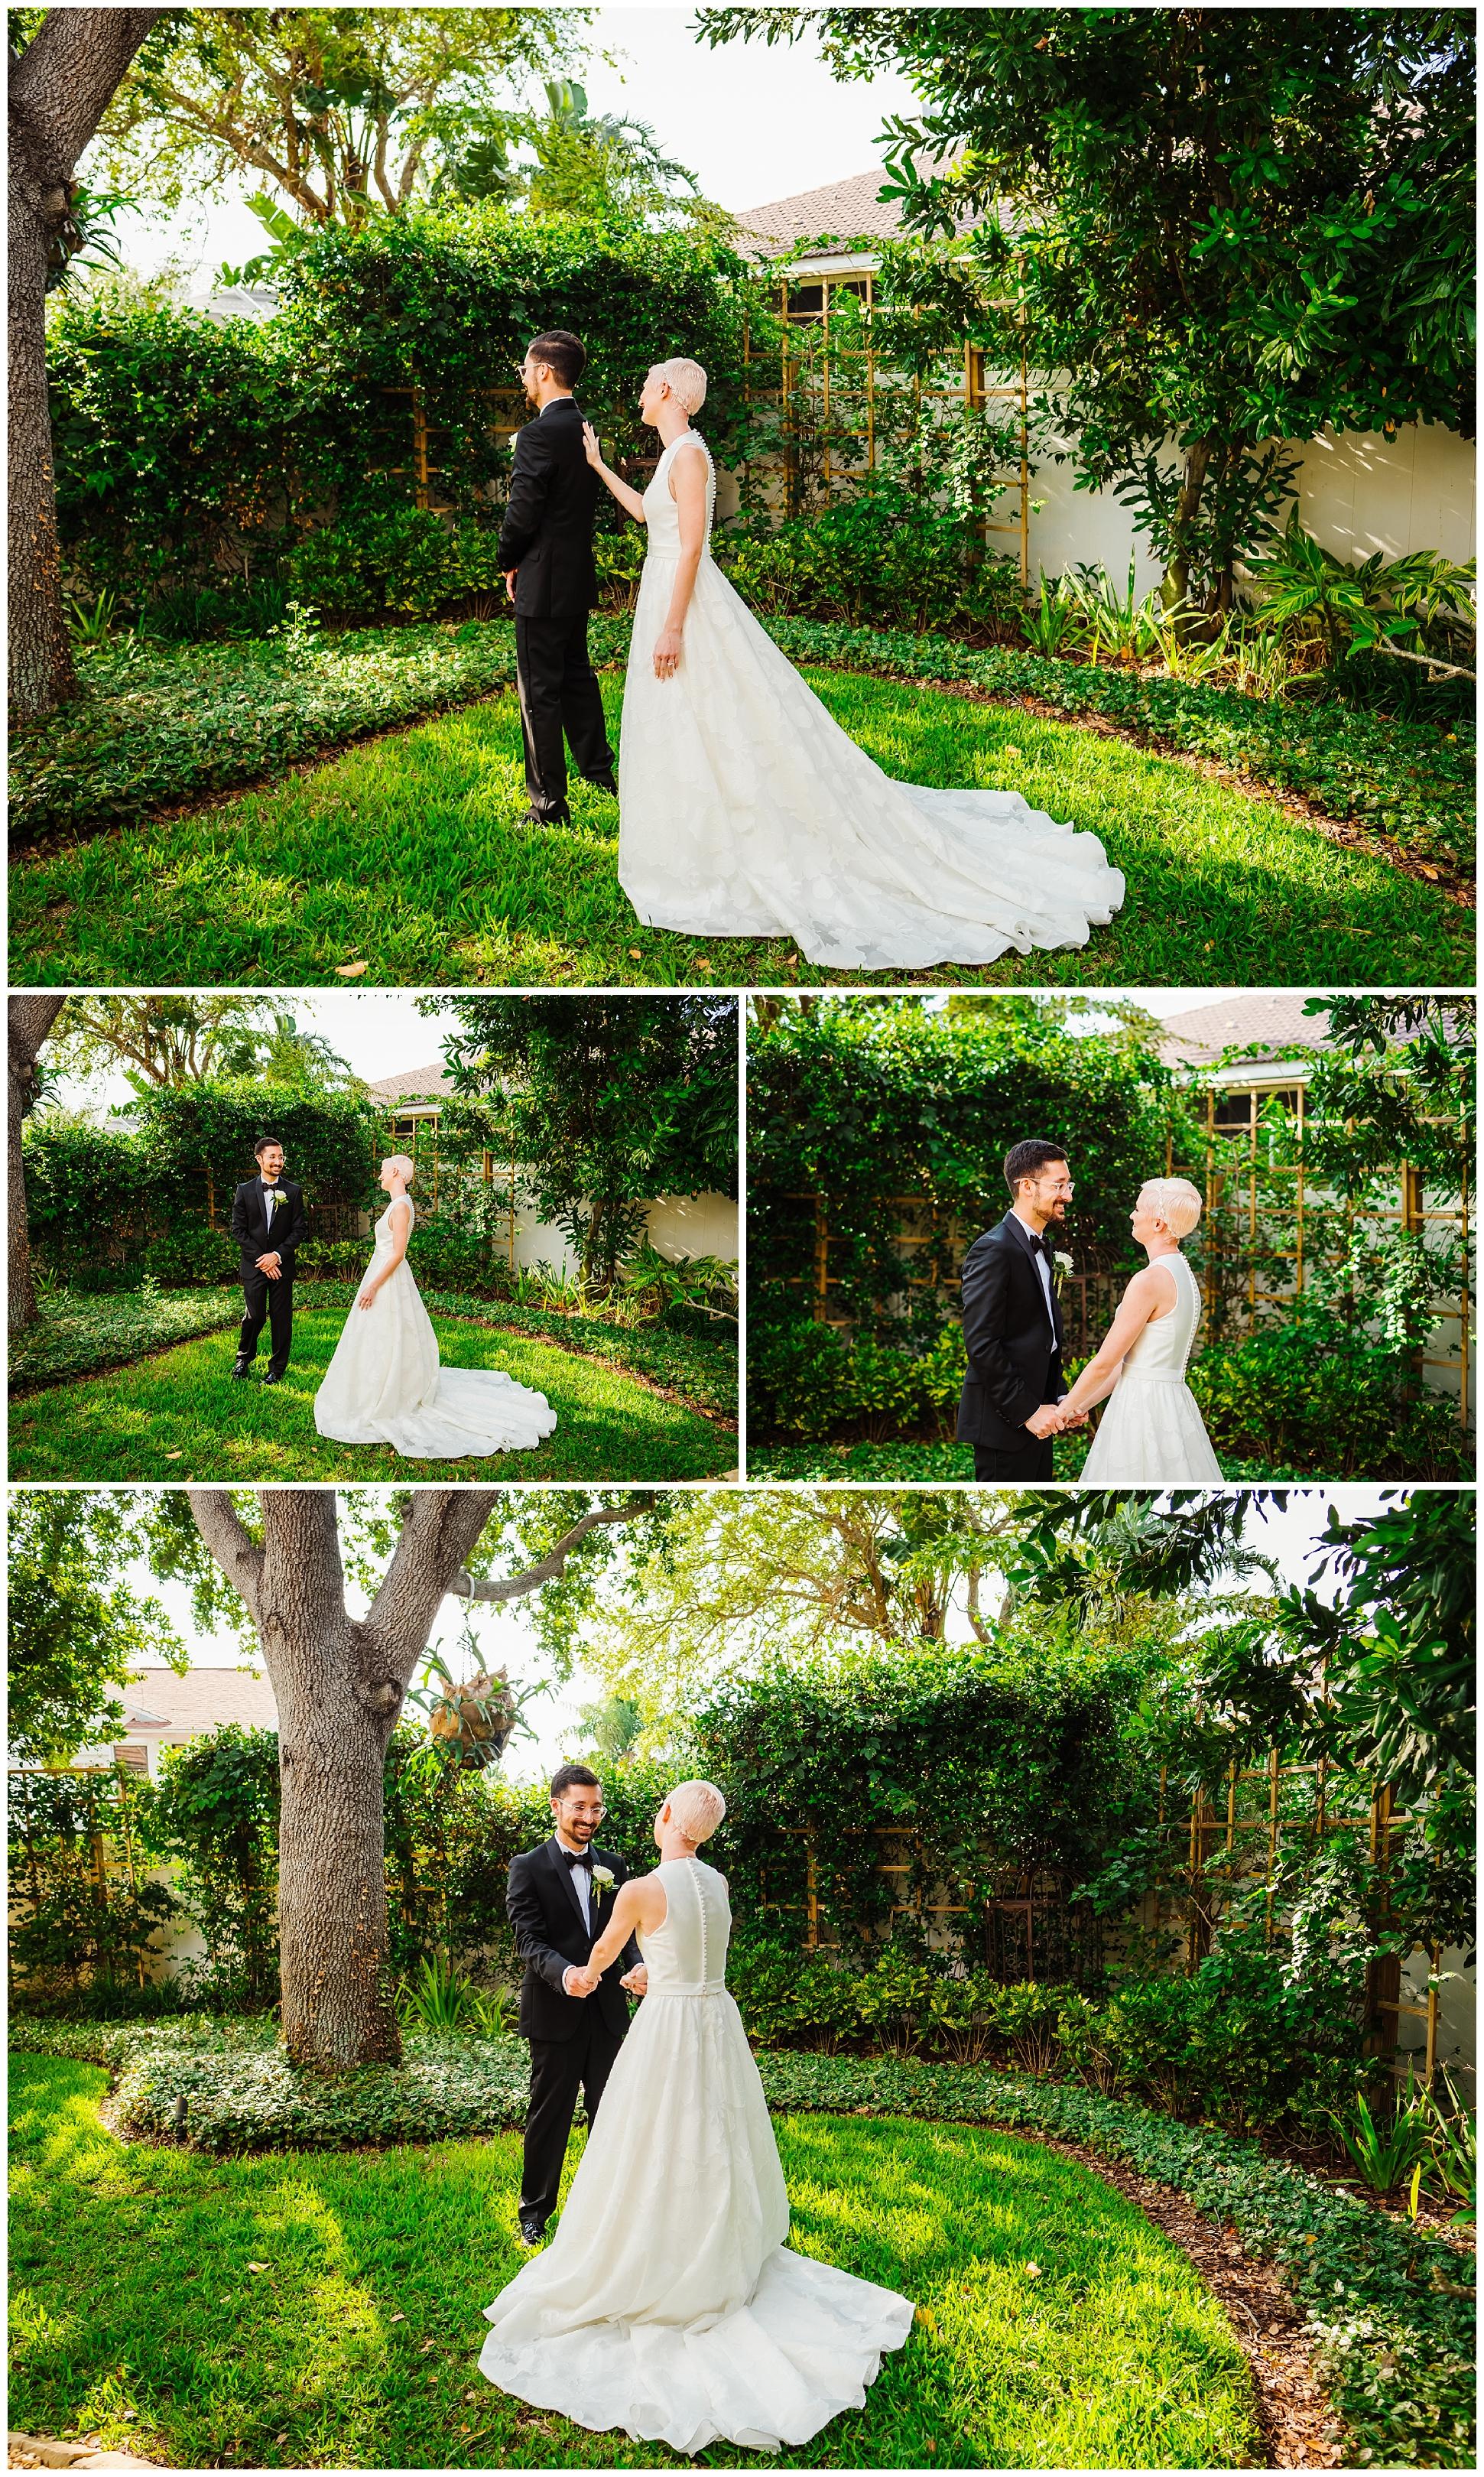 tierra-verde-st-pete-florida-home-luxury-wedding-greenery-pink-pixie-bride_0024.jpg